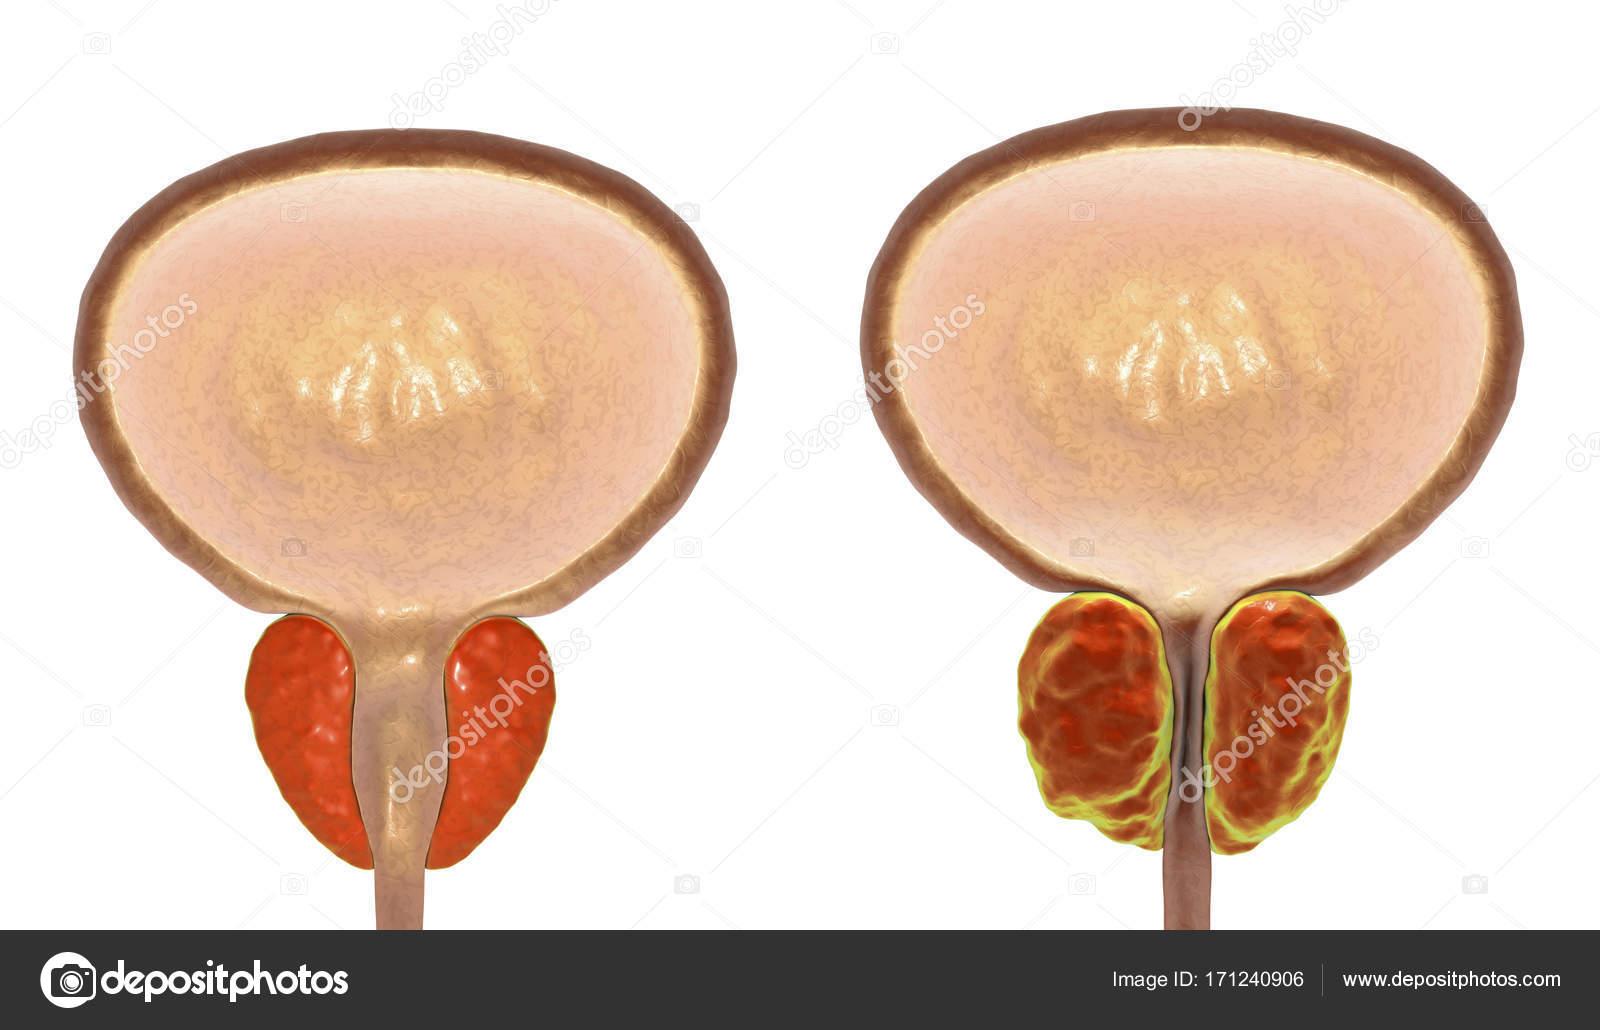 hipertrofia prostática benigna bph